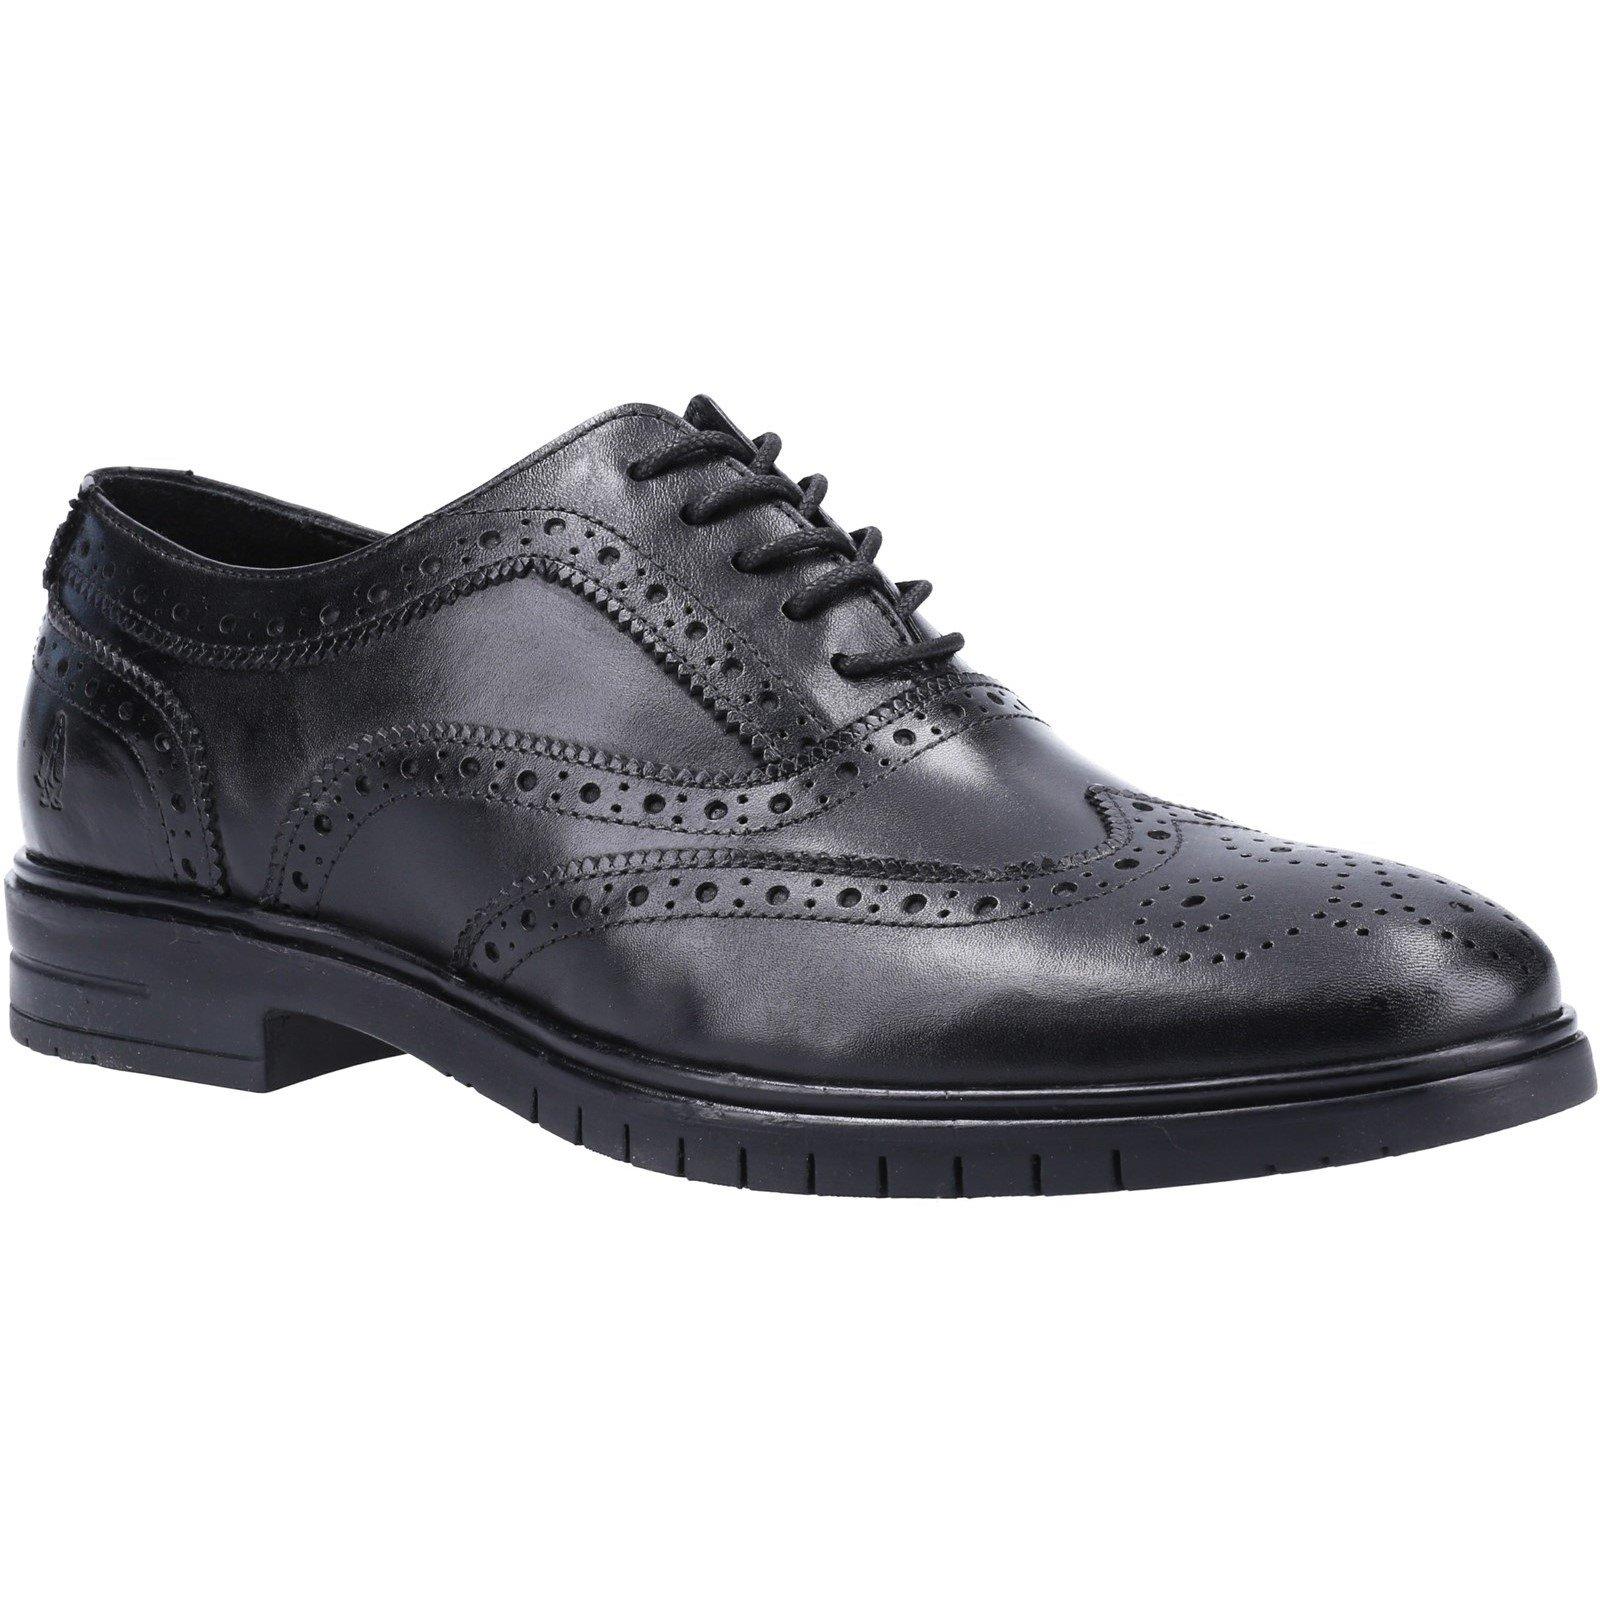 Hush Puppies Men's Santiago Lace Brogue Shoe Black 31989 - Black 12